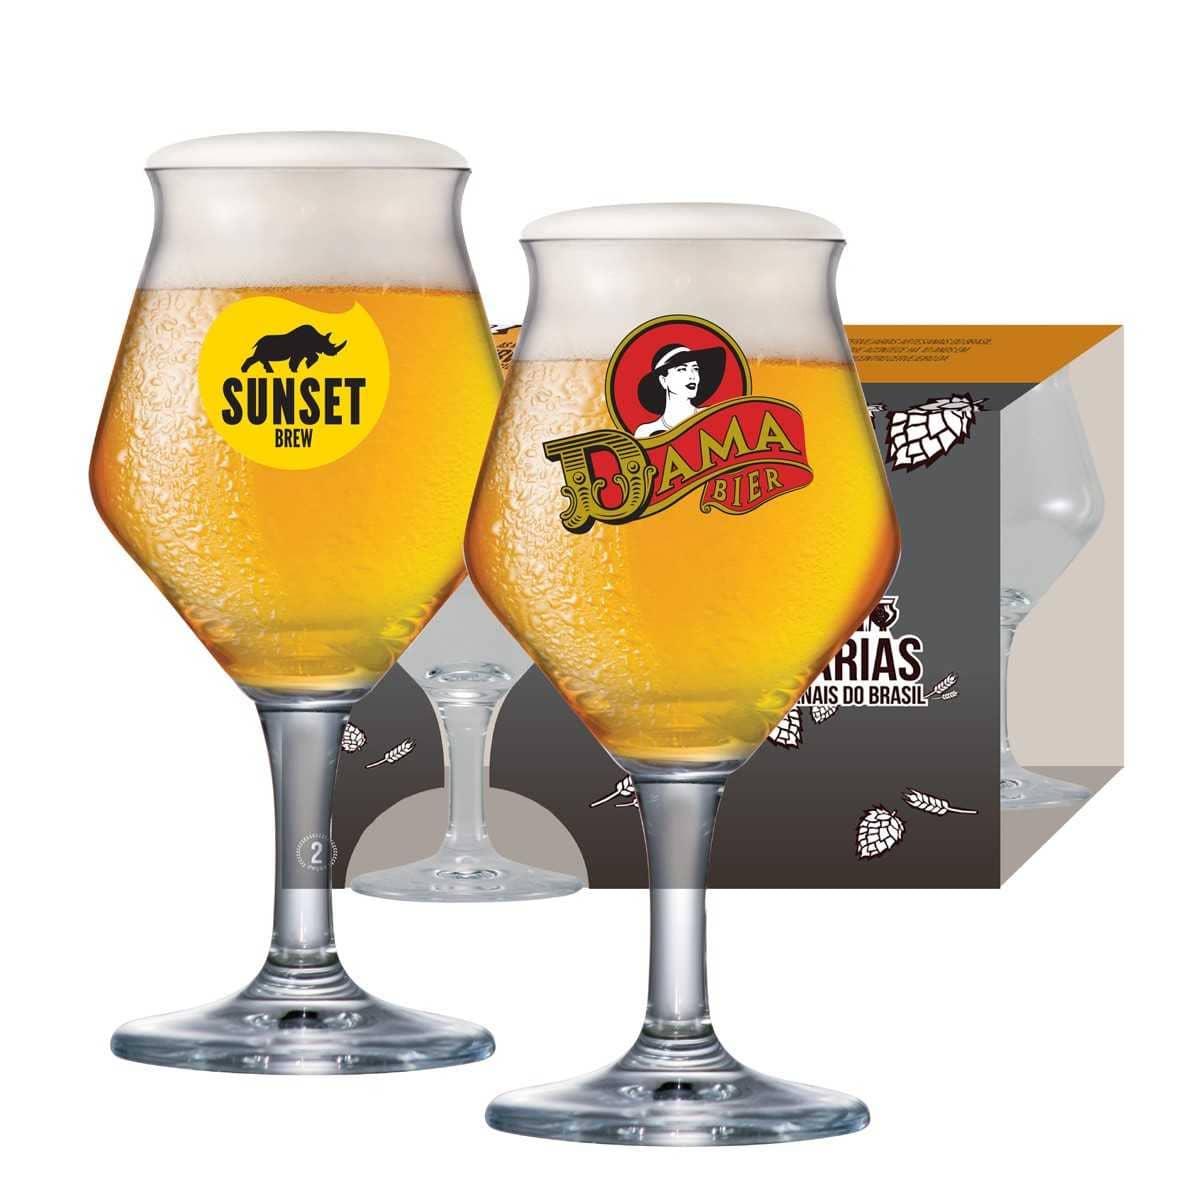 Taças Beer Sommelier Festival da Cerveja Dama/Sunset 435ml